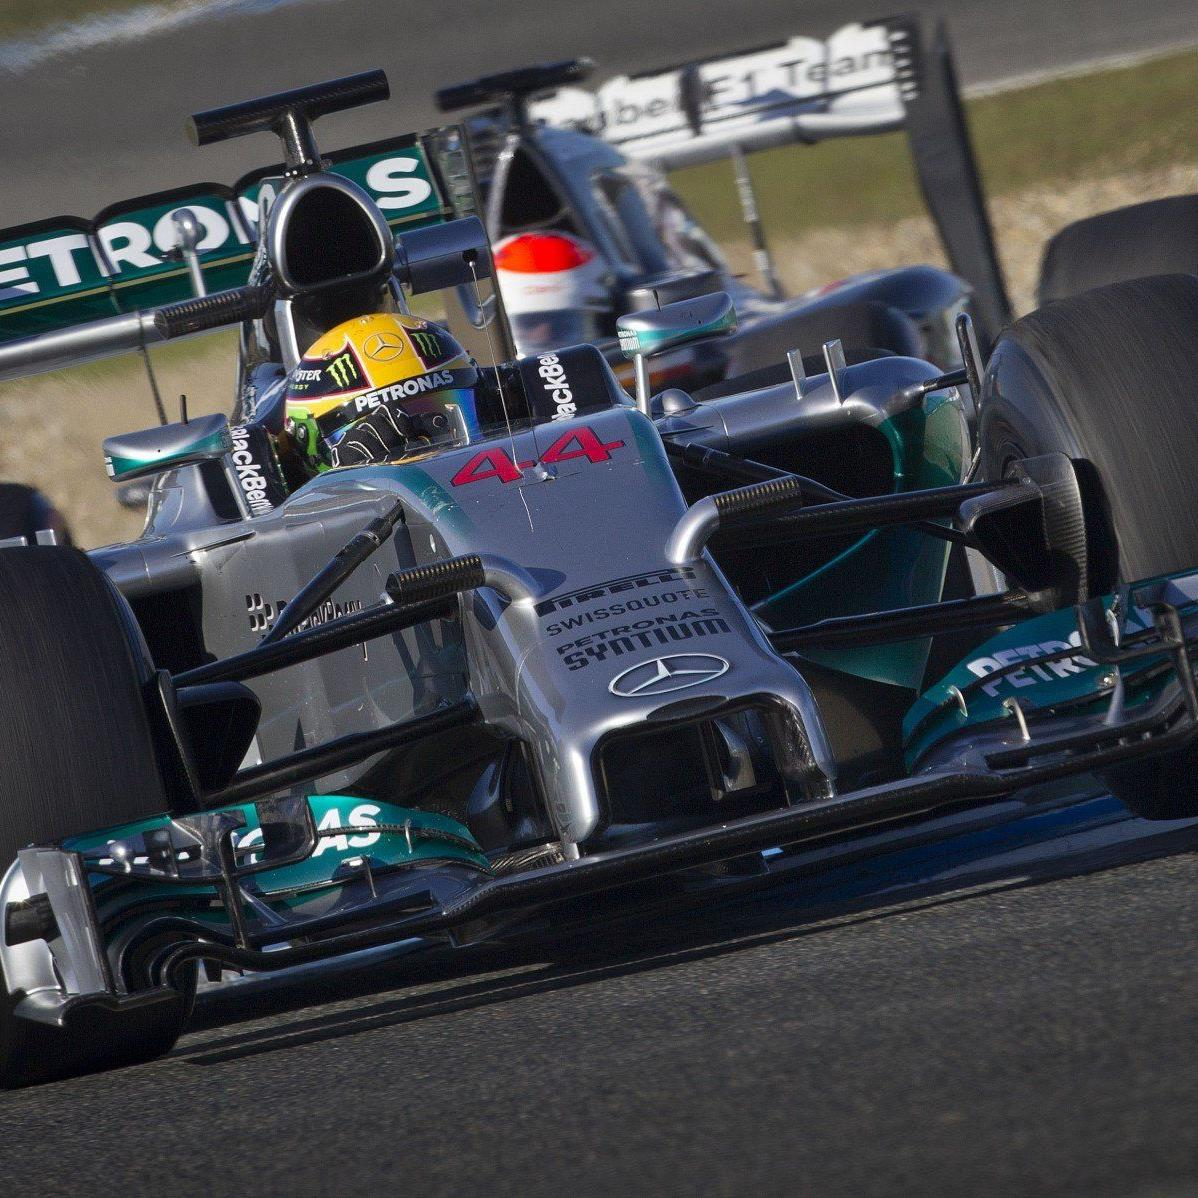 Ab 2014 gibt es in der Formel 1 fixe Startnummern für die Fahrer - Lewis Hamilton hat die 44 gewählt.